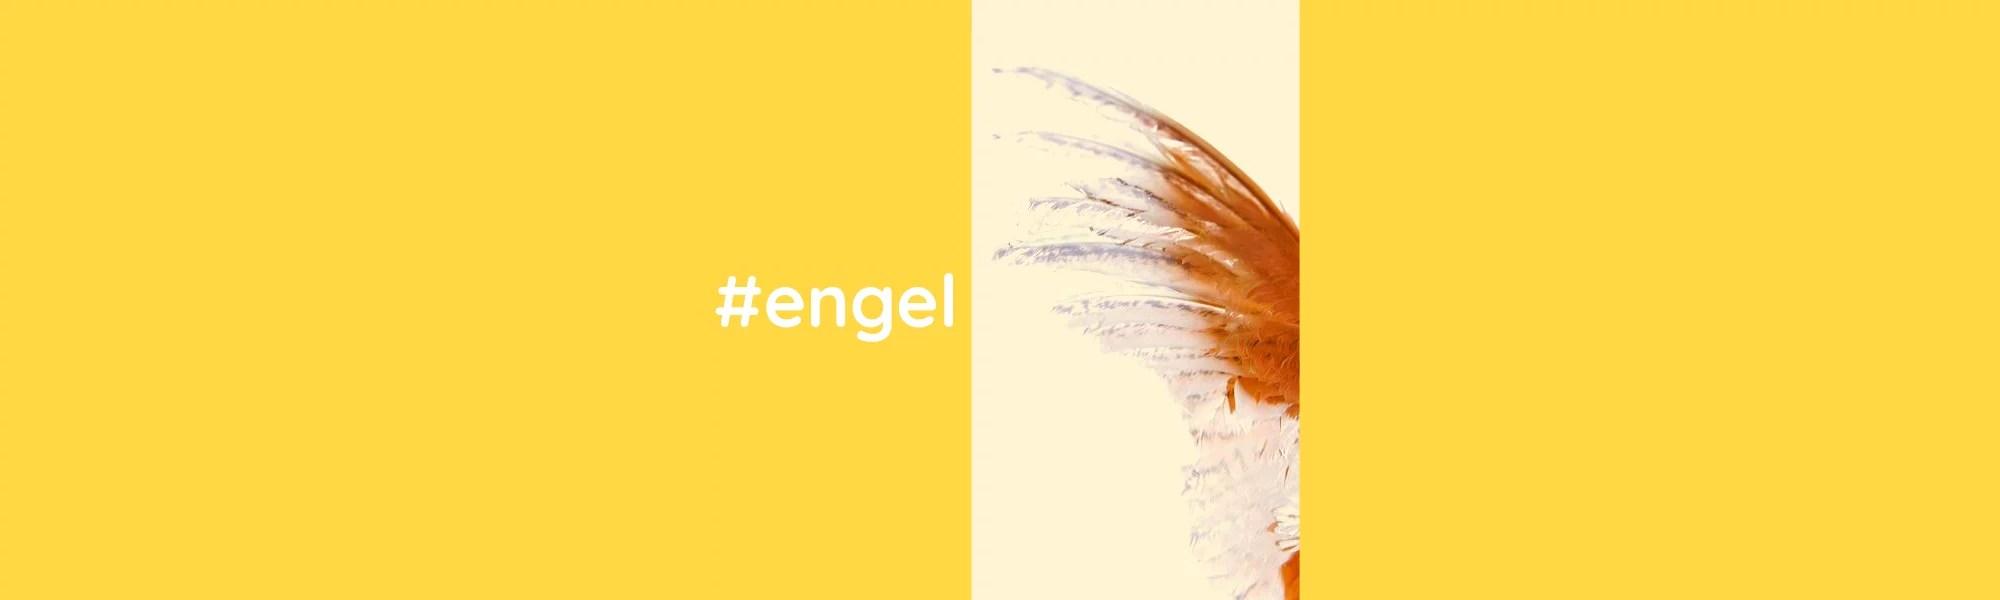 Kopie von Kopie von engel 20190923 - #wem warst Du Engel?